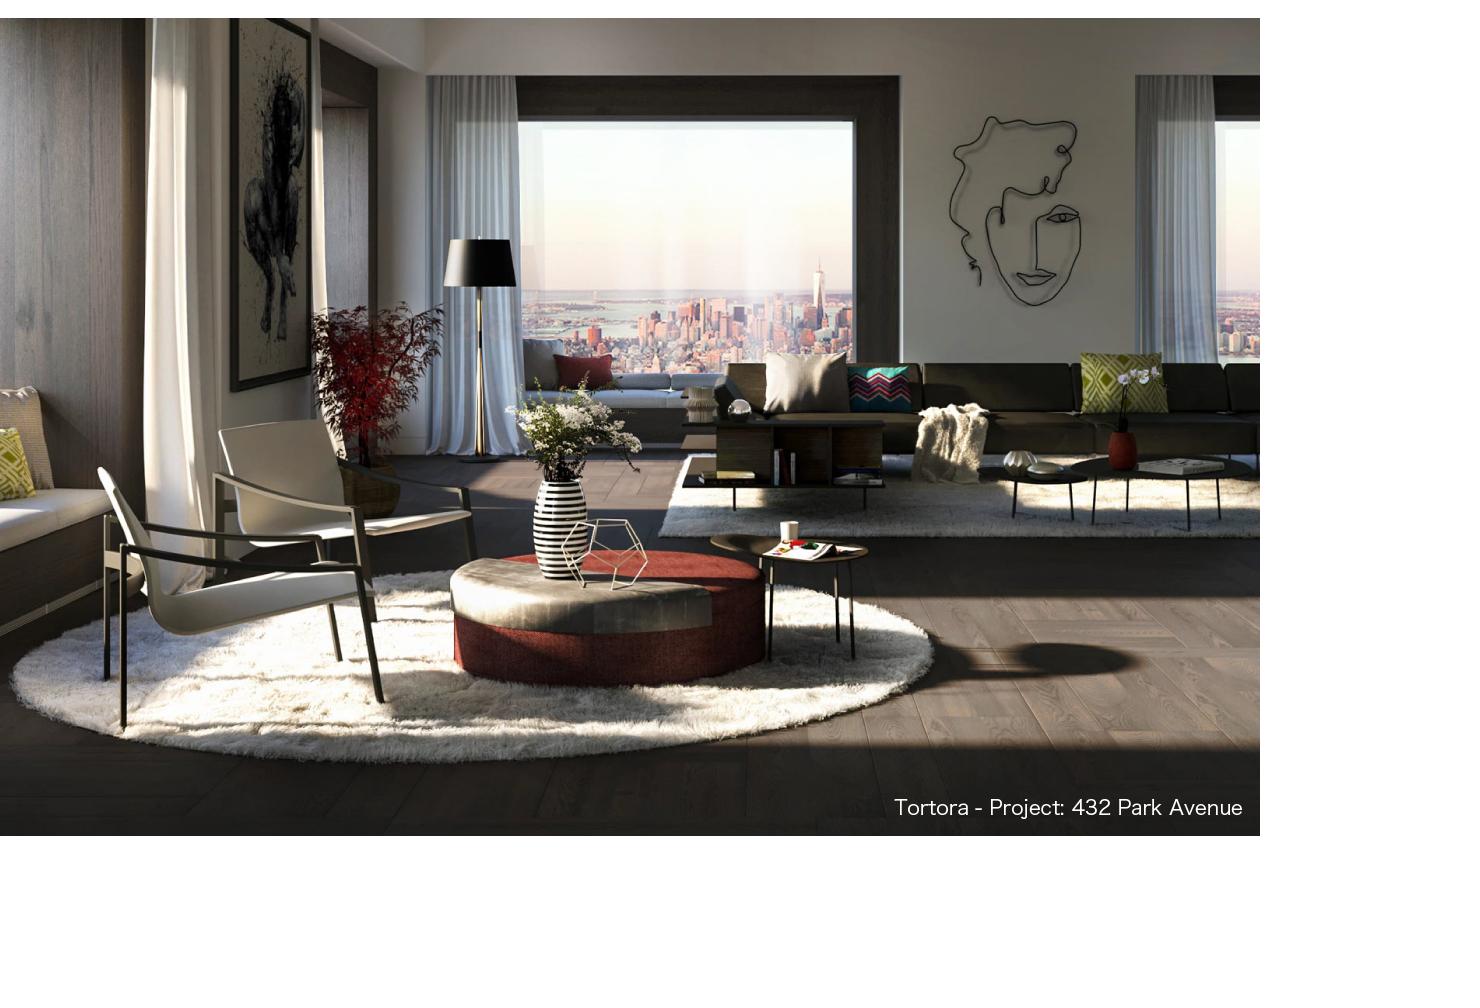 Tortora-Project:432 Park Avenue